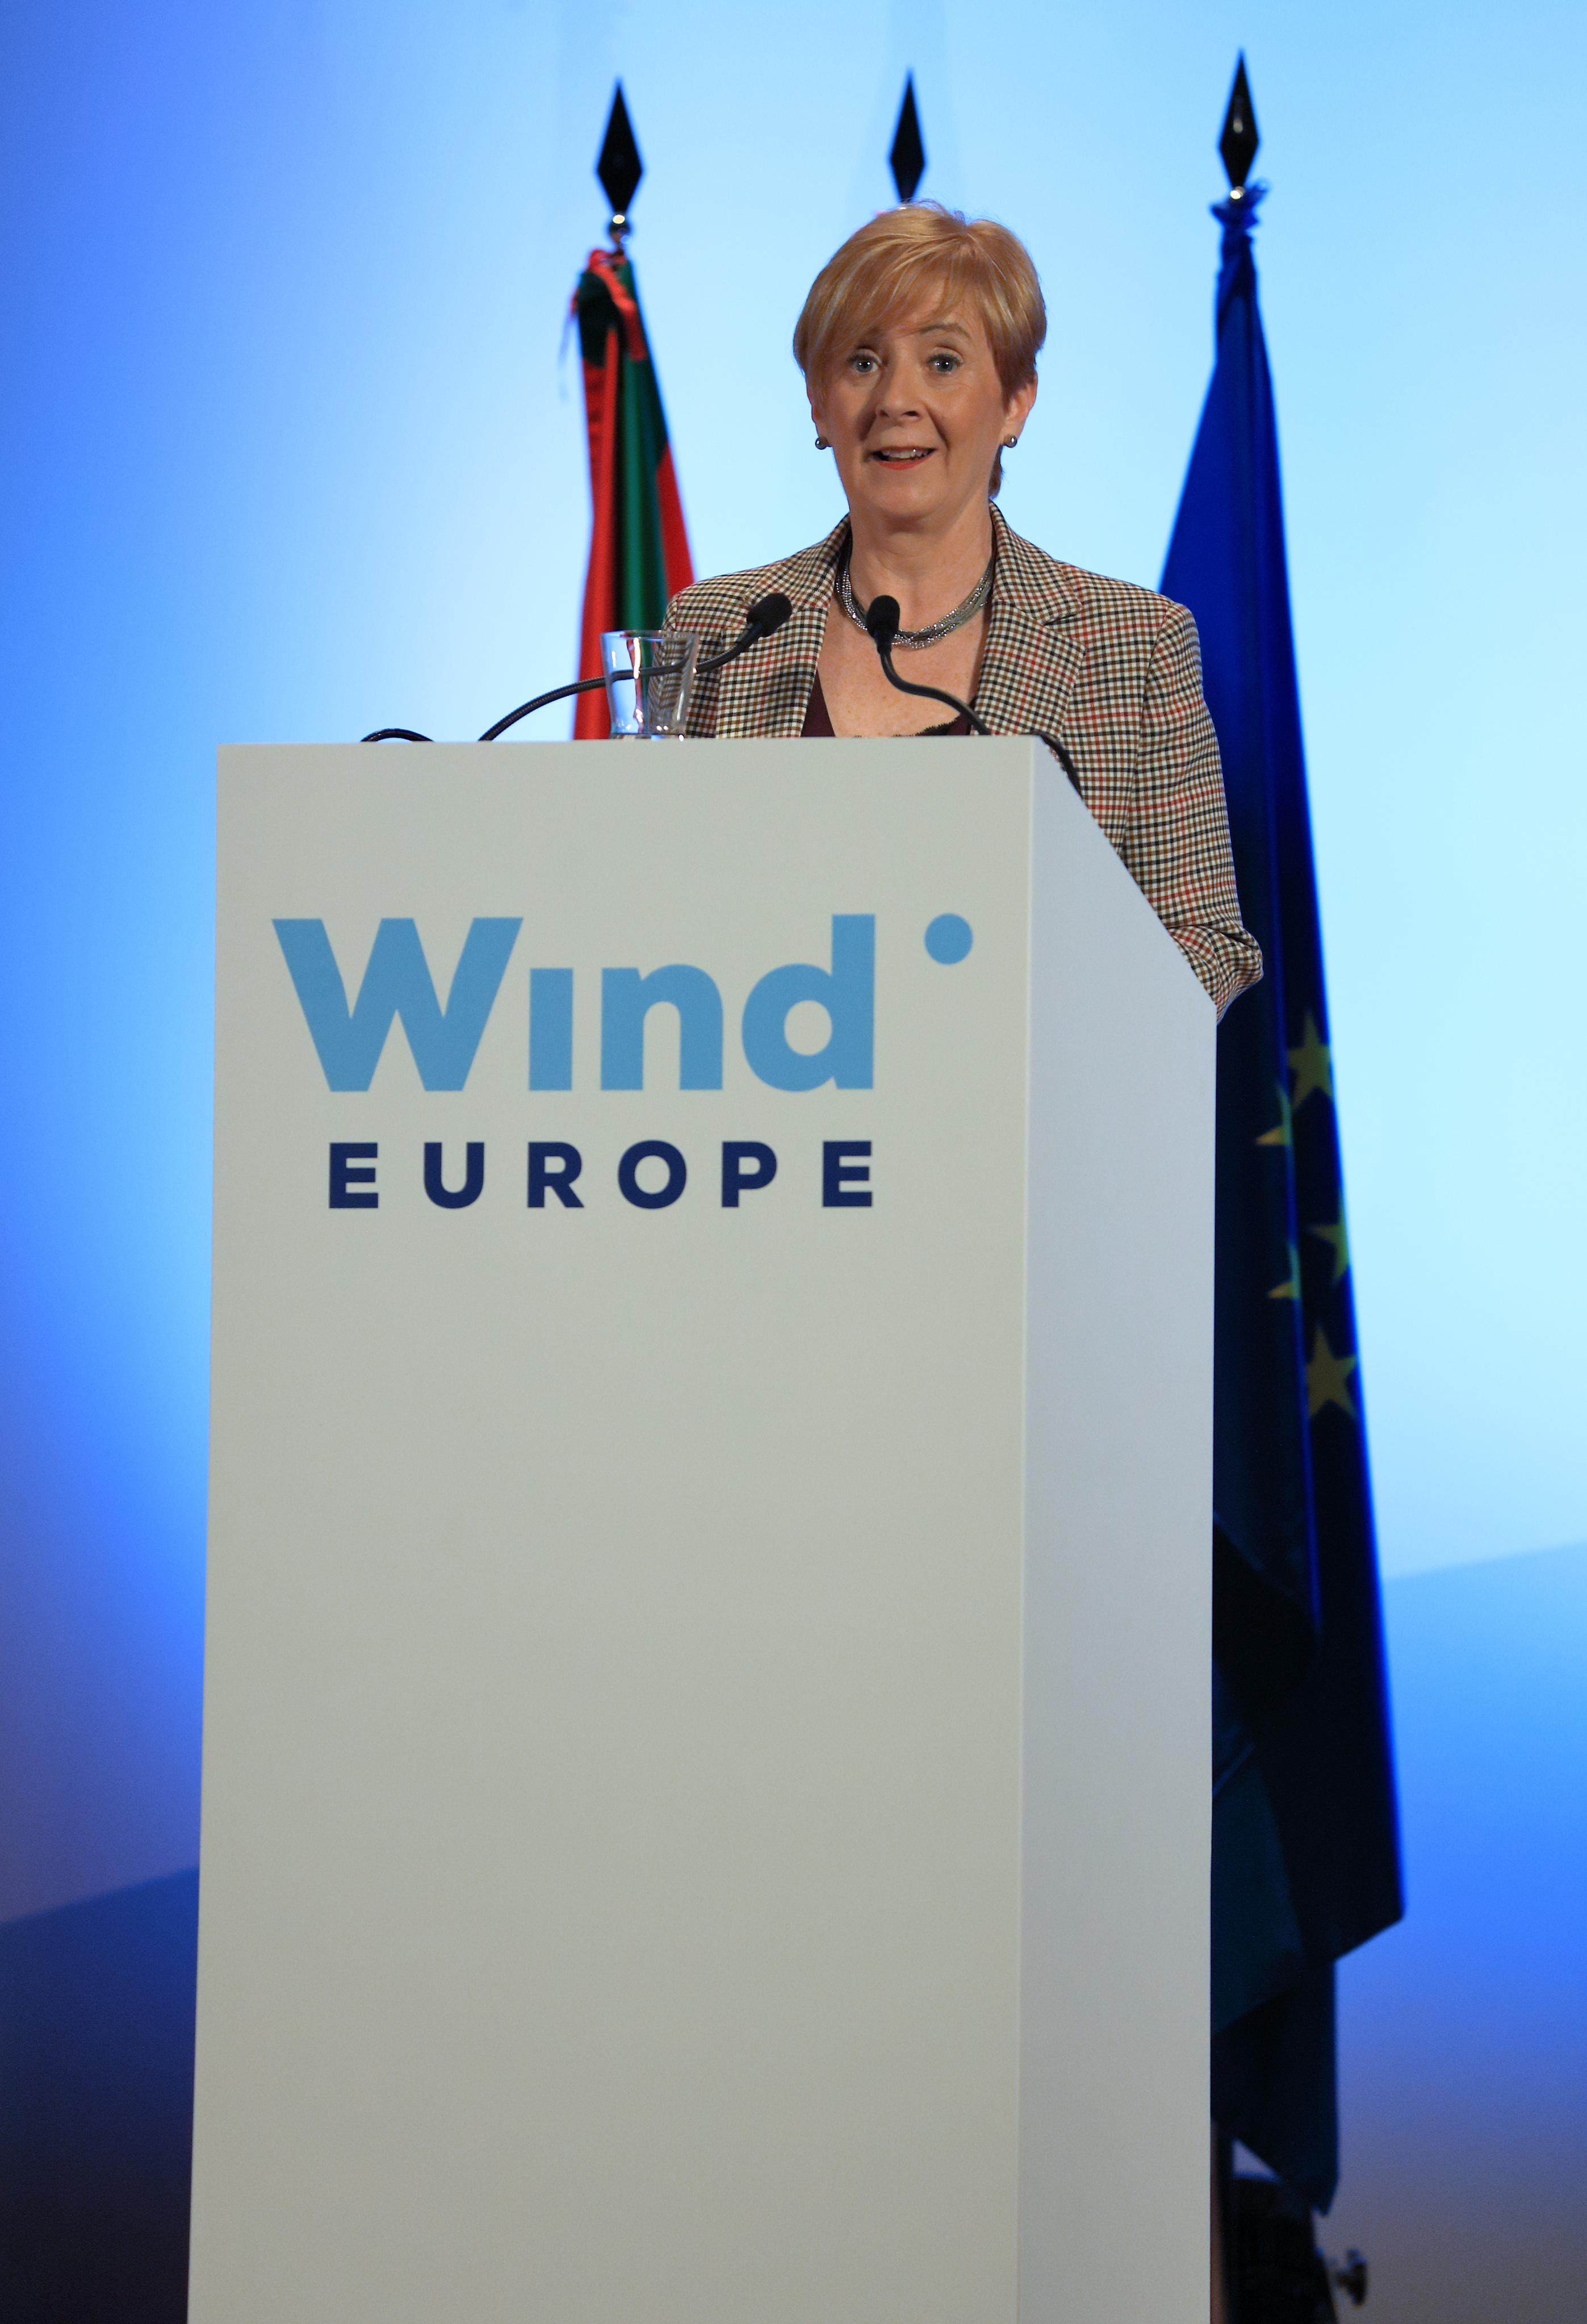 WindEurope_Tapia_014.JPG